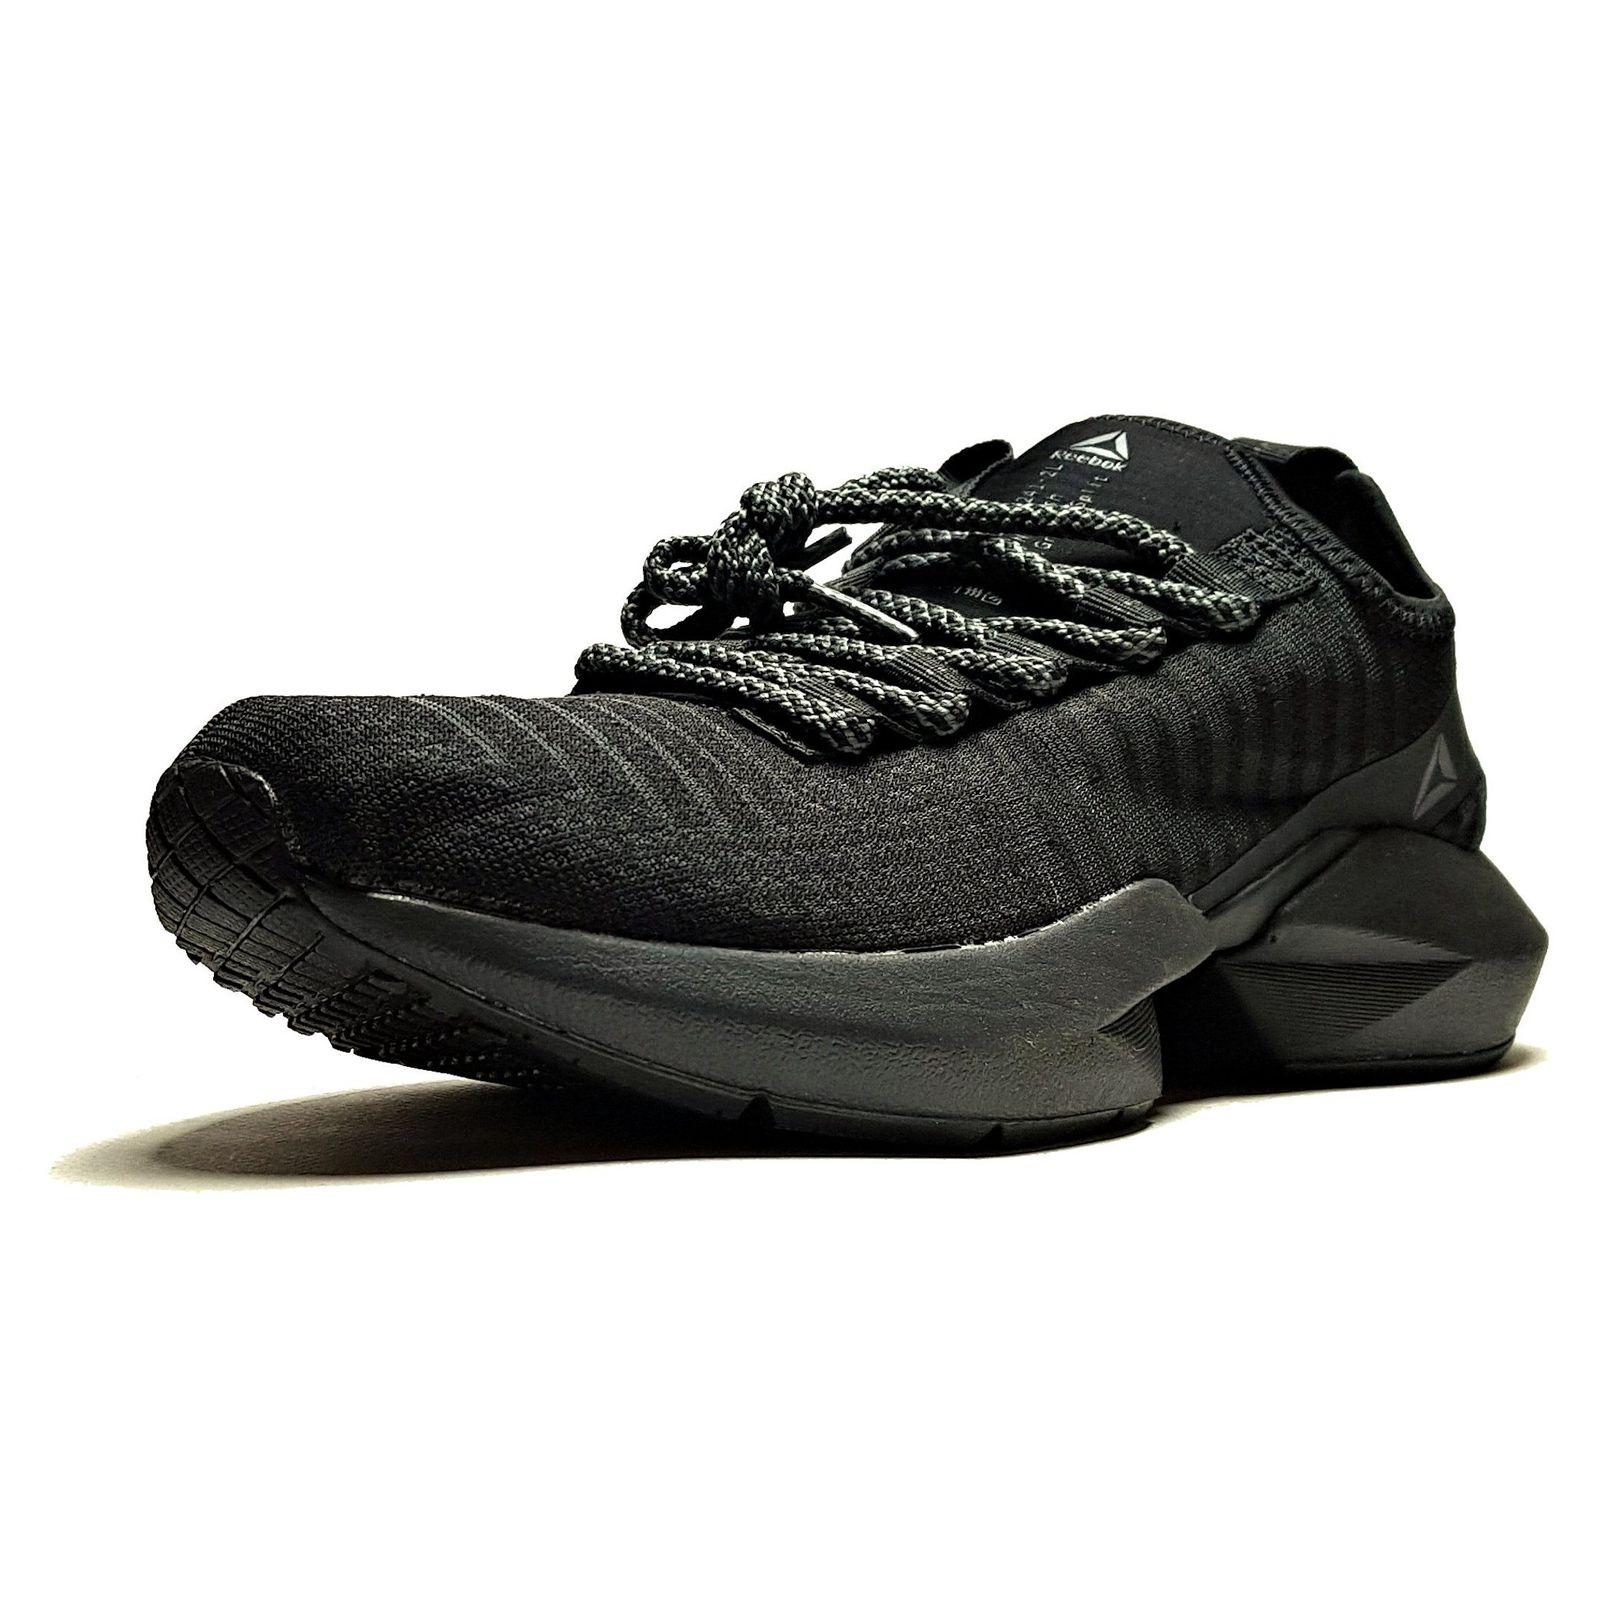 کفش مخصوص پیاده روی مردانه مدل SOLE FURY All